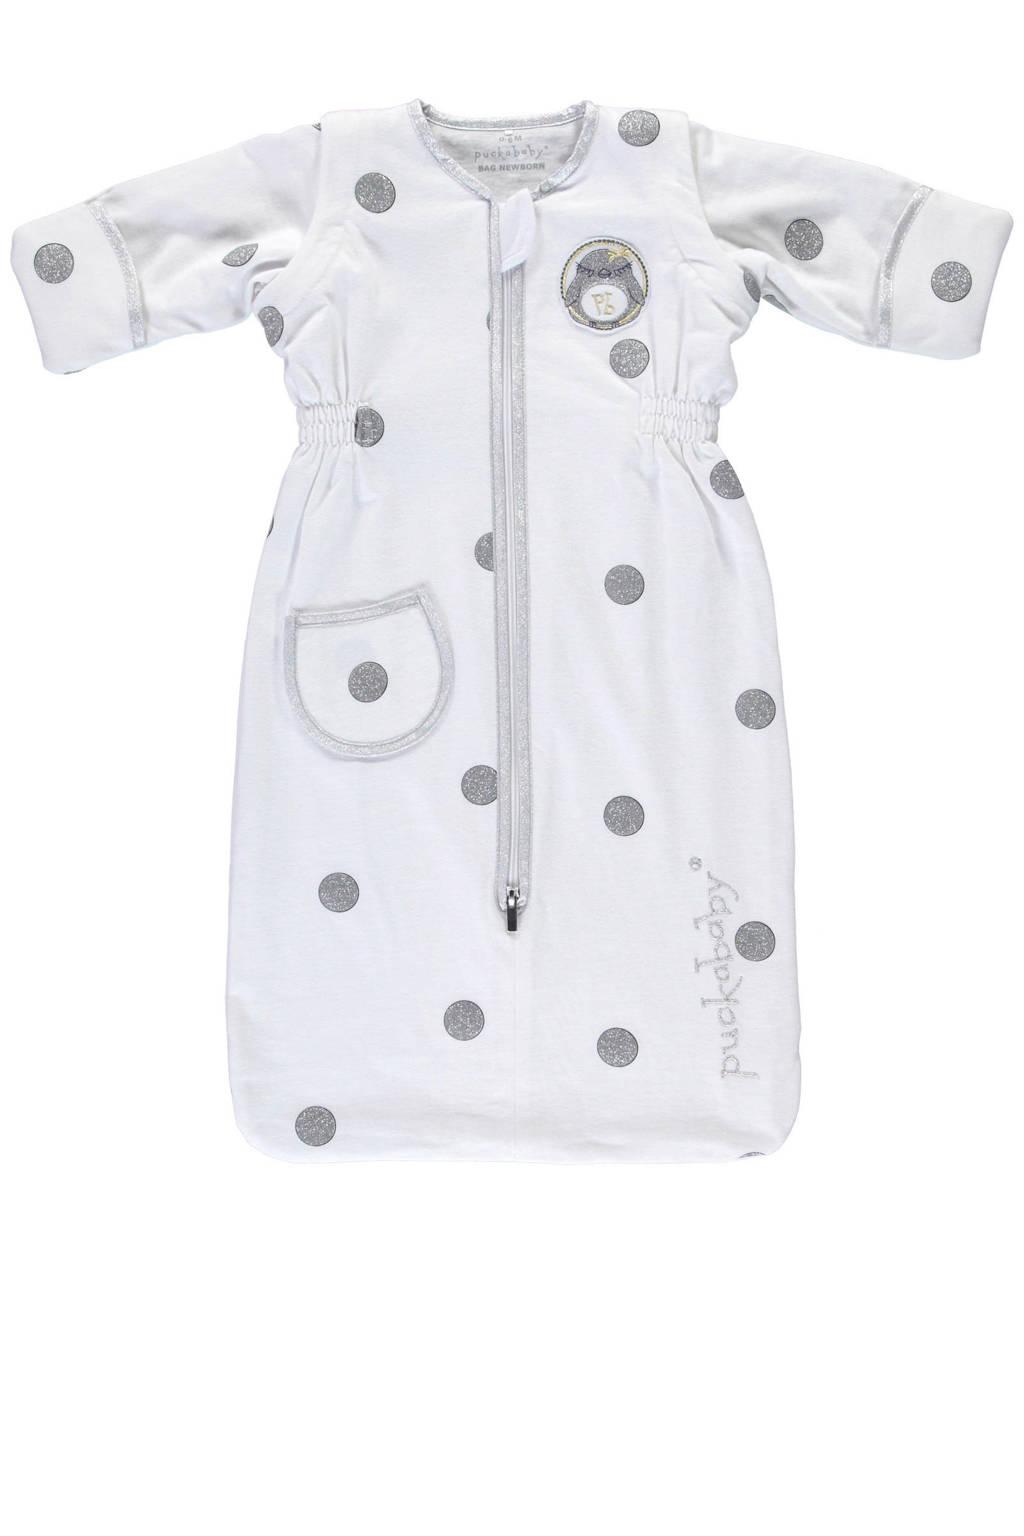 Puckababy The Bag Newborn slaapzak 0-6 mnd white dotty, White dotty